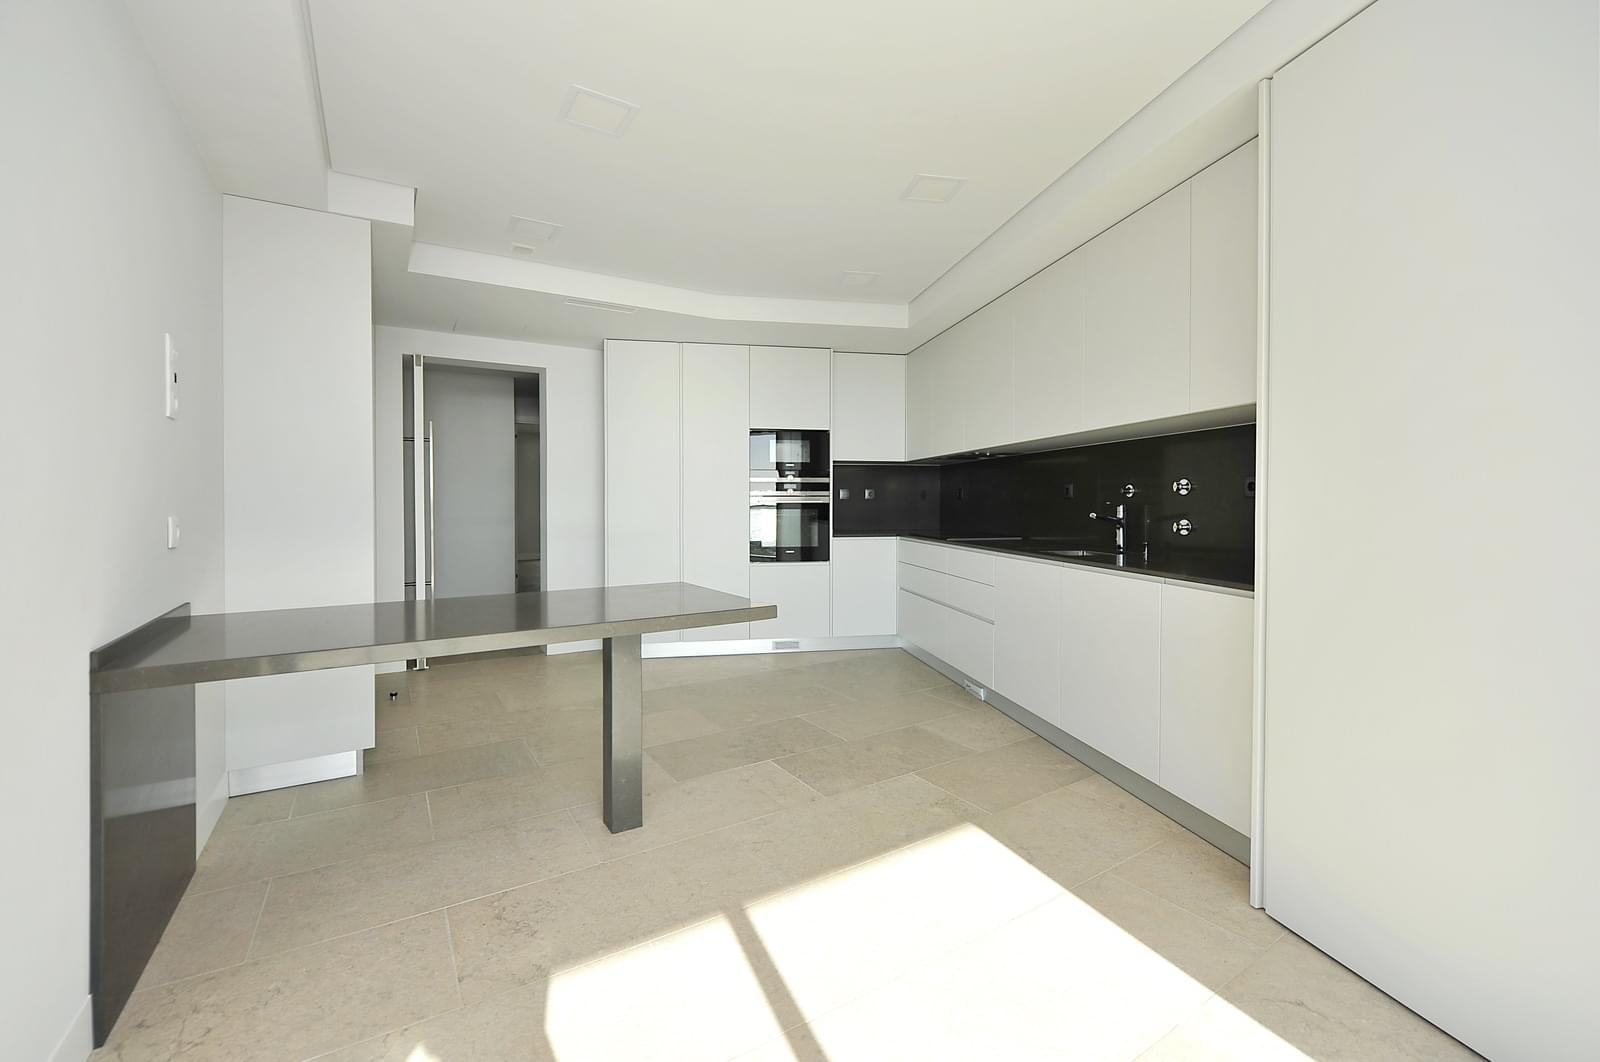 pf18989-apartamento-t4-oeiras-82ce088f-2e33-45d8-8845-cfc2cca5dbdf